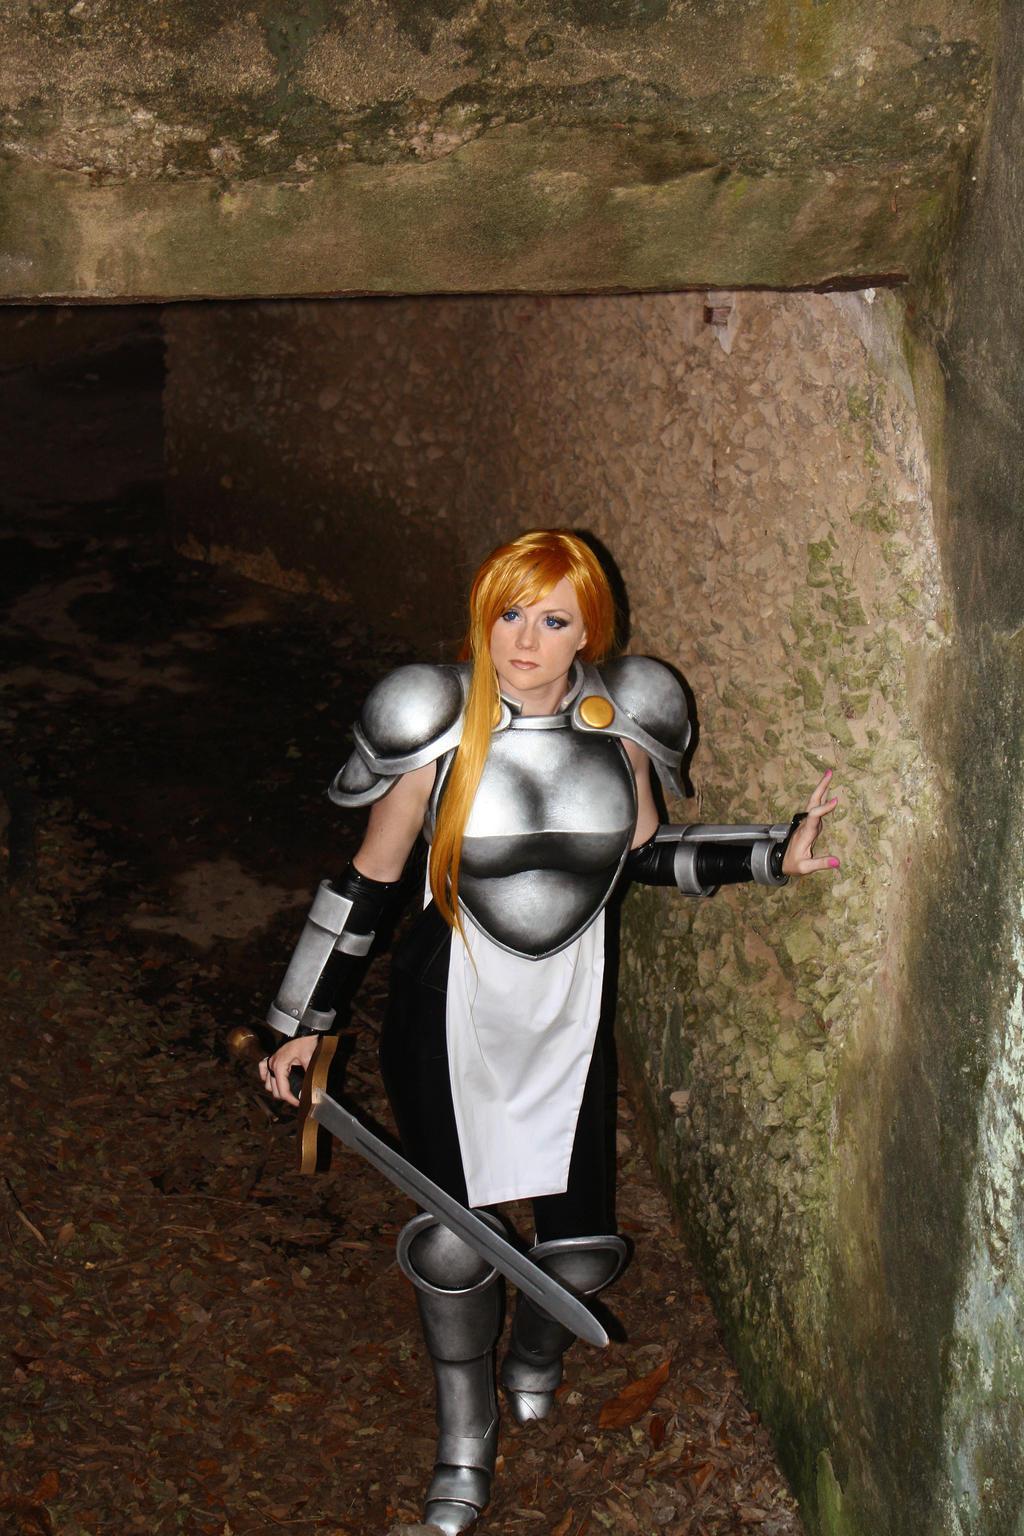 janne world heroes cosplay cimmerianwillow deviantart